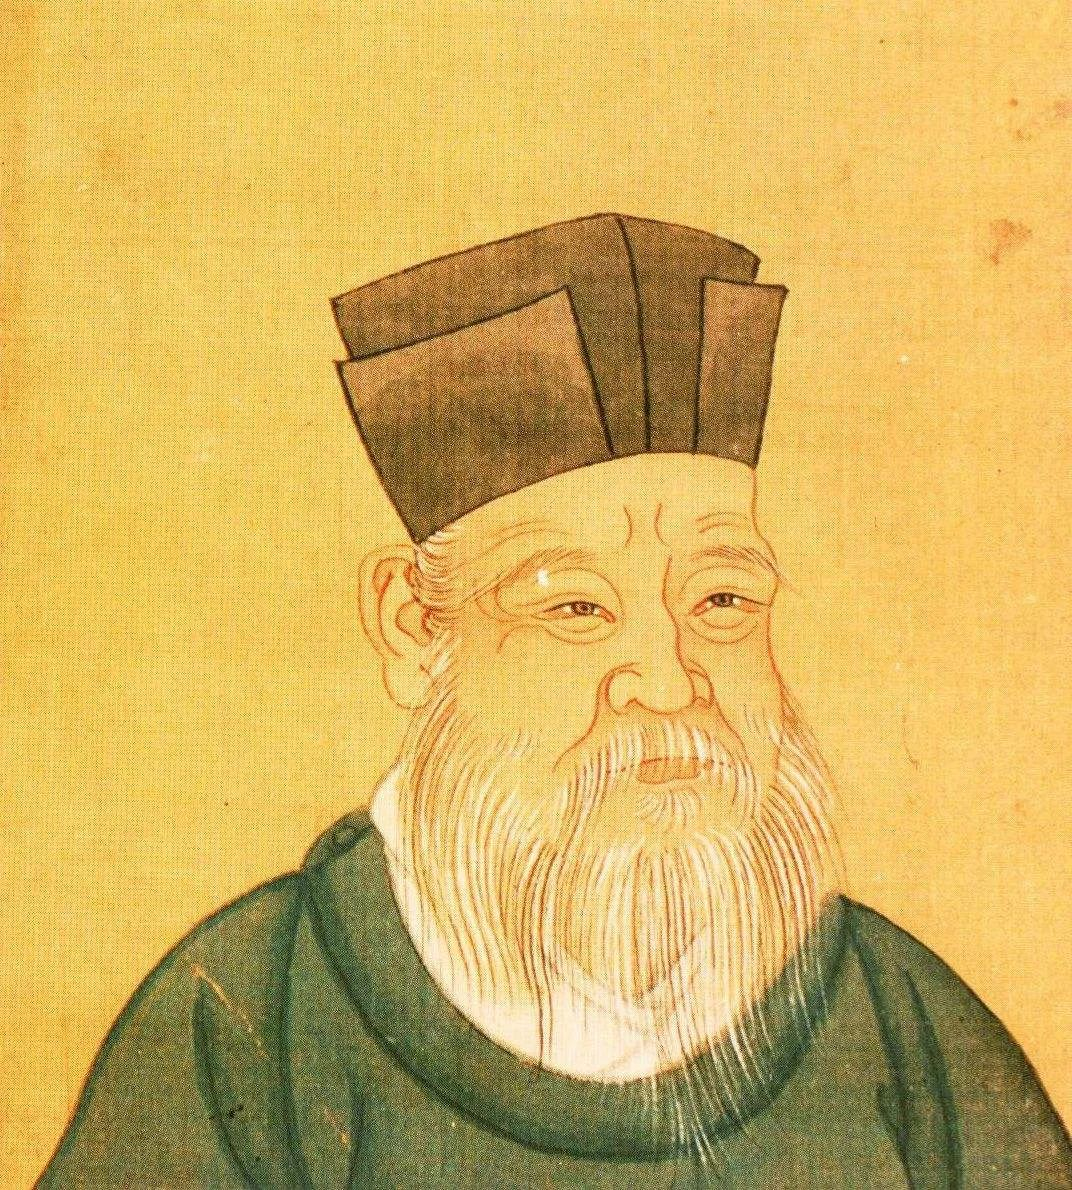 坤鹏论:儒家思想不是哲学?道家为什么倡导摒弃名利?-坤鹏论